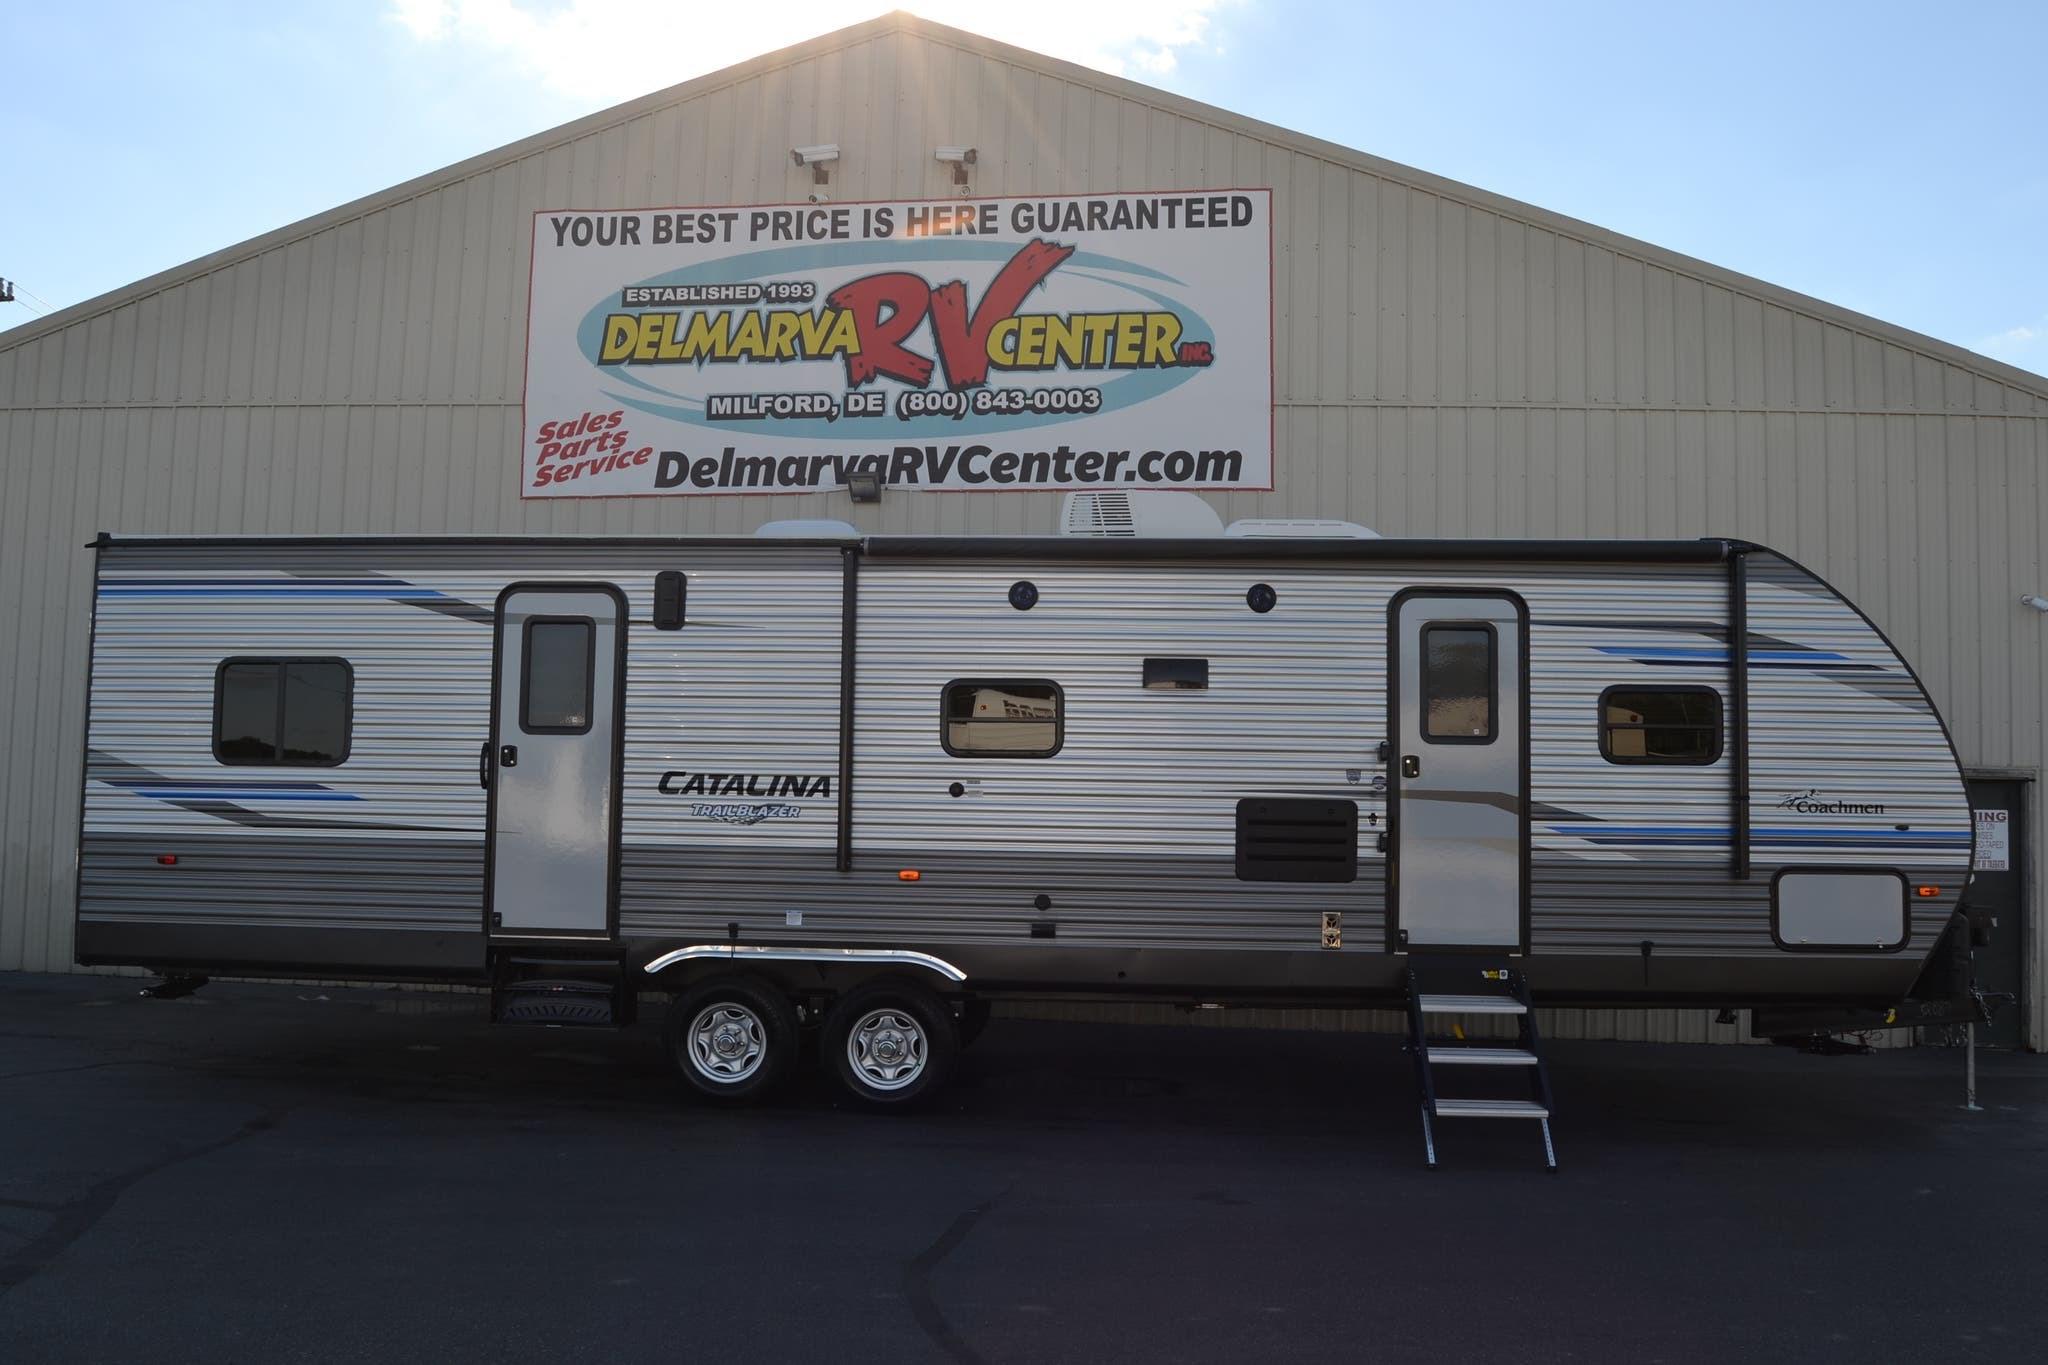 Rv Sales Delaware >> 2020 Coachmen Rv Catalina Trail Blazer 29ths For Sale In Milford De 19963 M17834